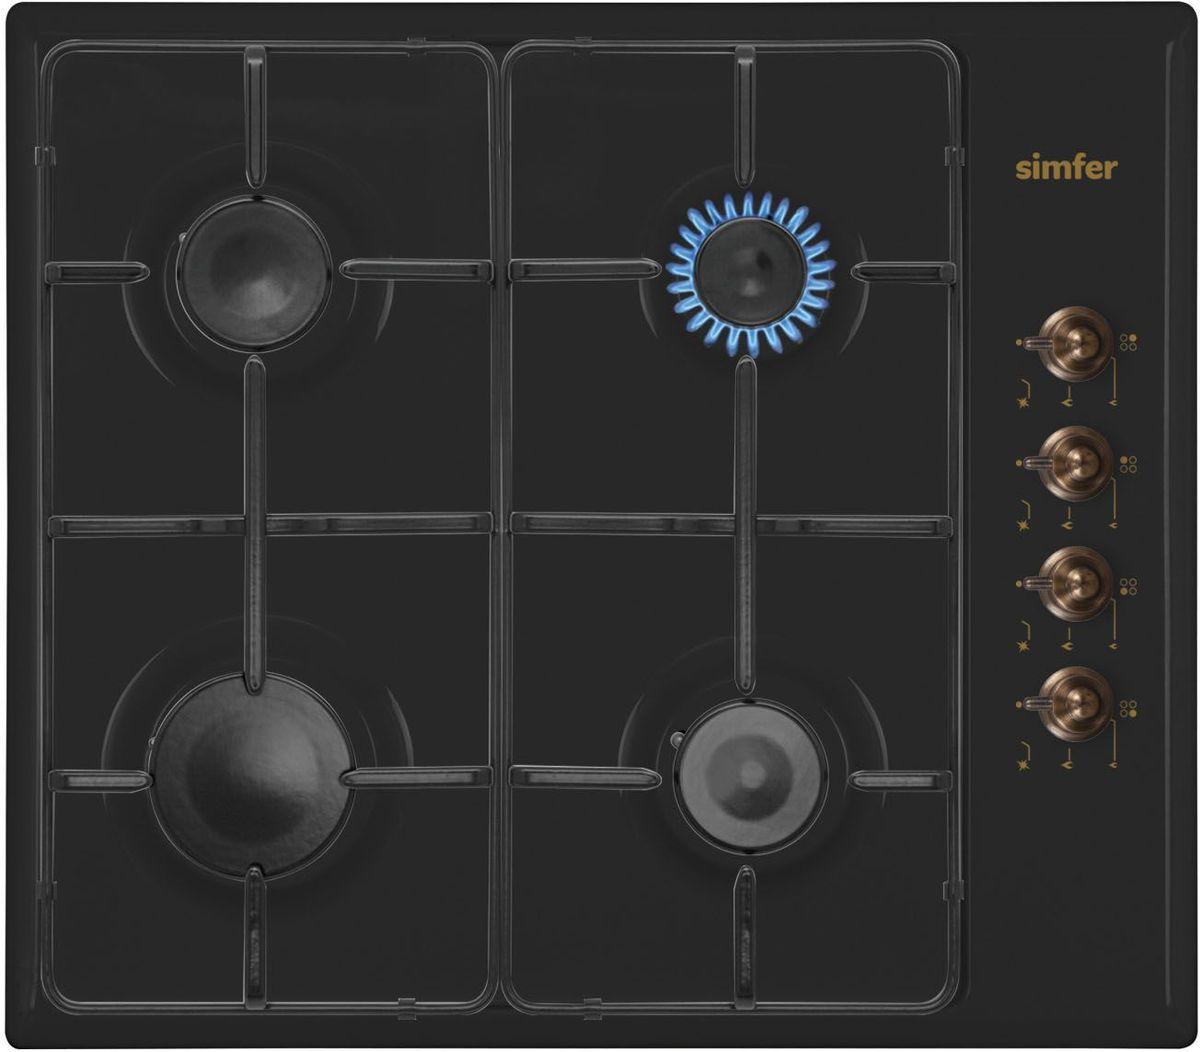 Simfer H60Q40L411 панель варочная газоваяH60Q40L411Газовая варочная панель Simfer H60Q40L411 с чистым пламенем доведет вашу сковороду до нужной температуры без всяких задержек. Включите её и всё днище сковороды будет моментально нагрето. Simfer H60Q40L411 упрощает приготовление и делает его безопаснее благодаря особой форме подставок, обеспечивающих абсолютную устойчивость посуды. Нет способа быстрее и удобнее для того, чтобы разжечь конфорку, чем автоподжиг варочной панели. Просто поверните ручку, чтобы открыть и зажечь газ одним плавным движением.